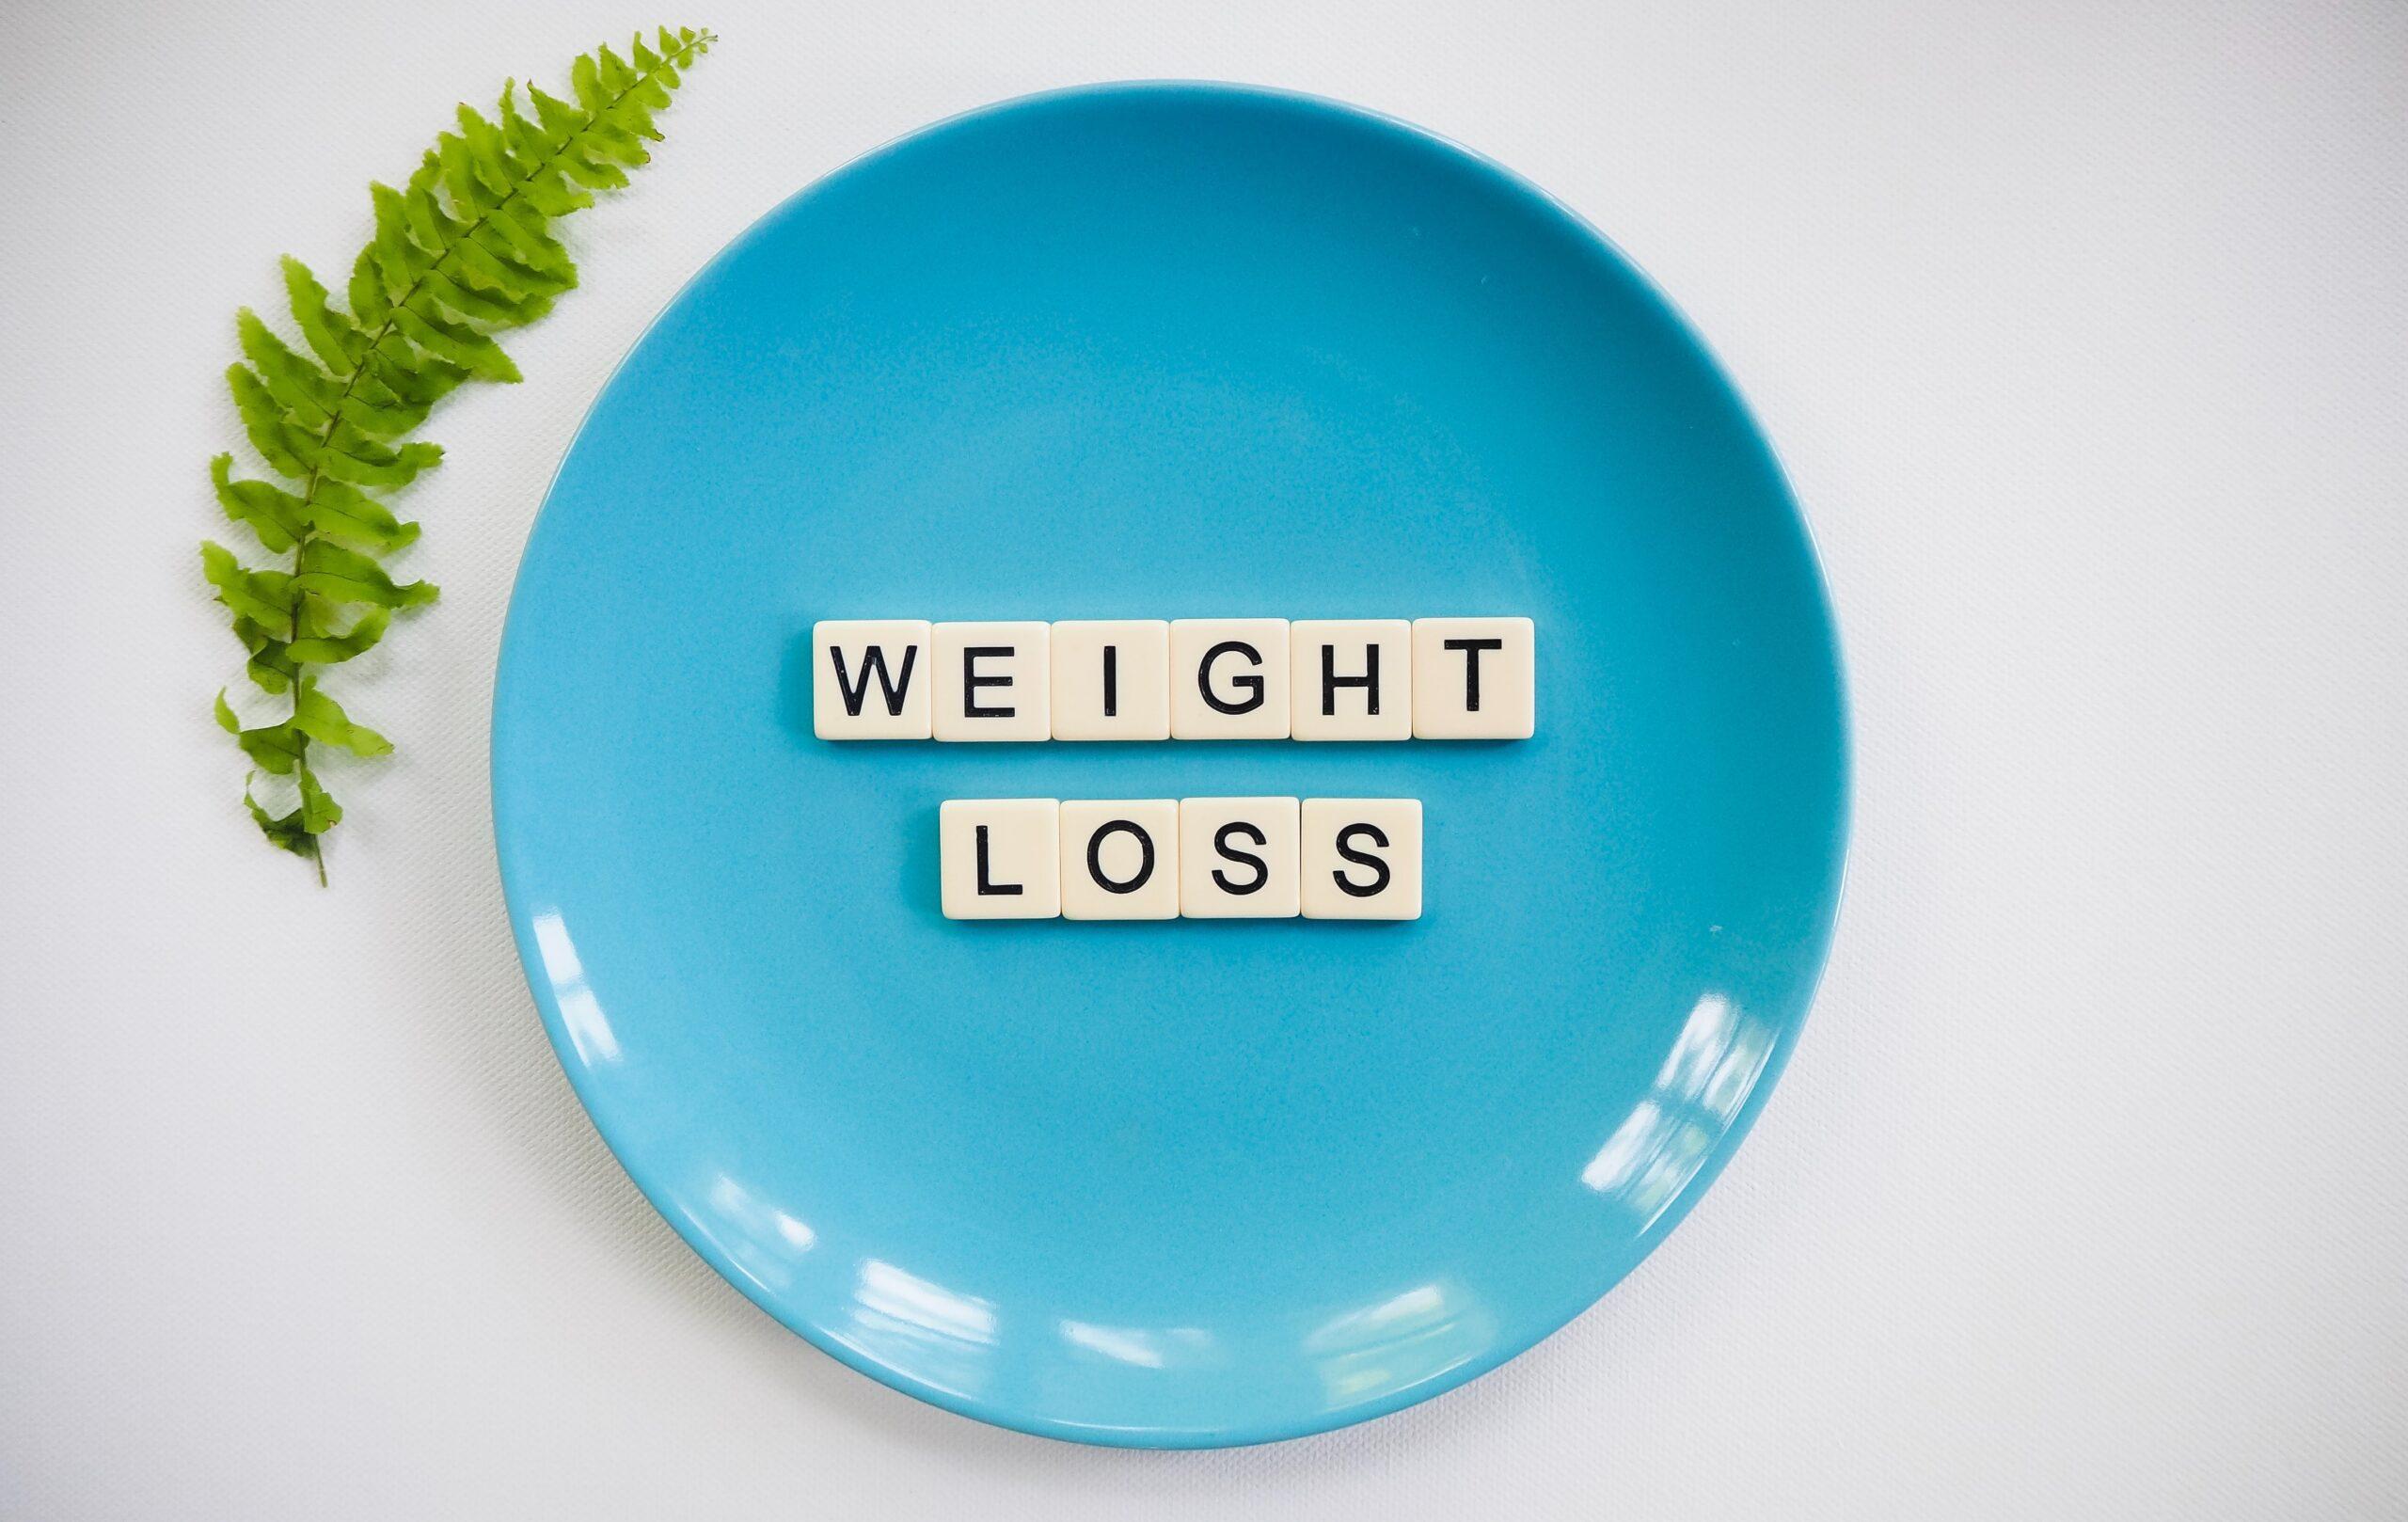 perdita di peso e nutrizionista oncologico